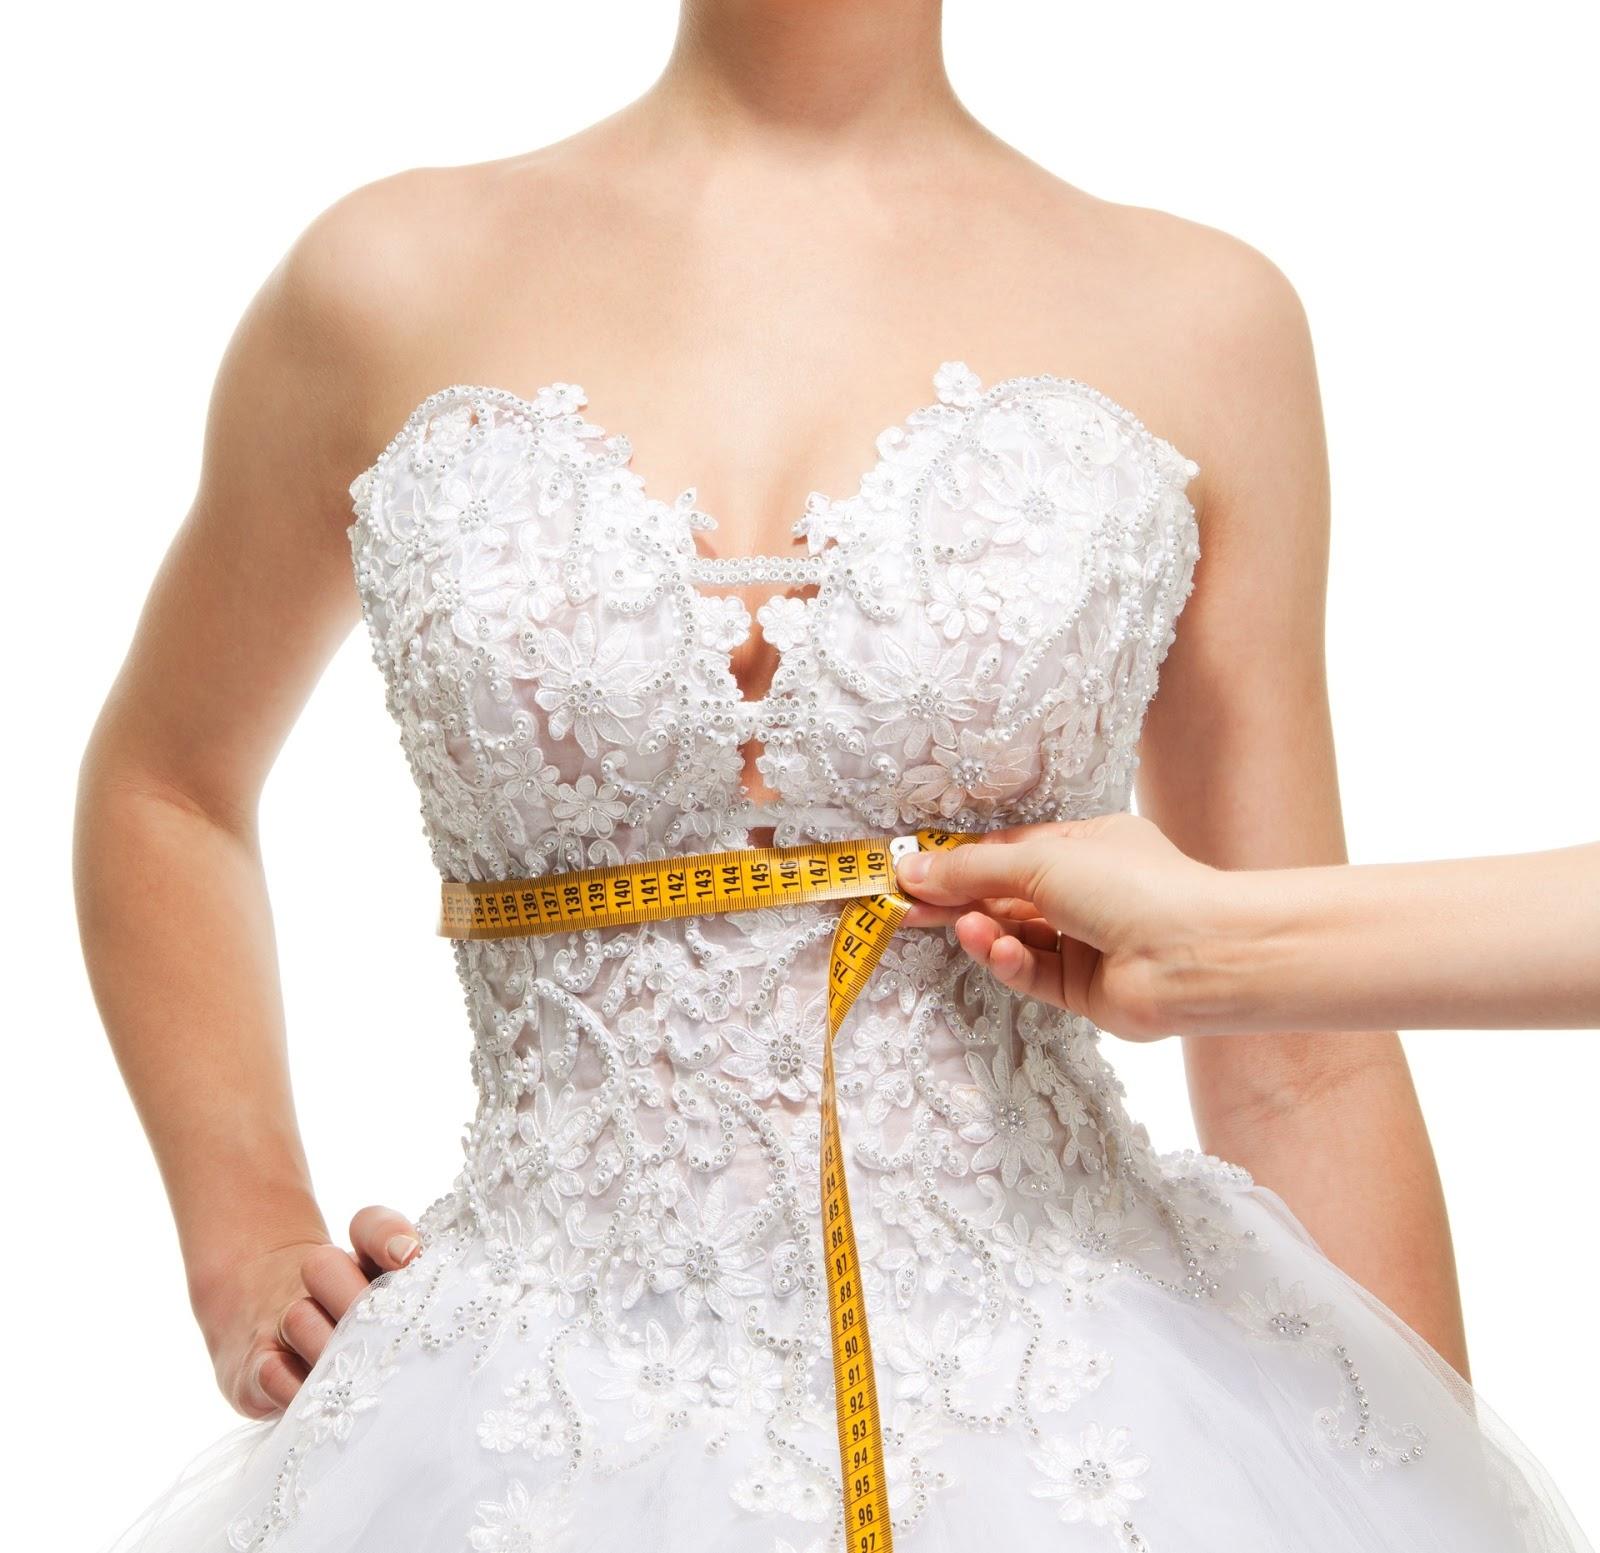 http://www.ilblogdisposamioggi.com/2015/05/sposafitness.html